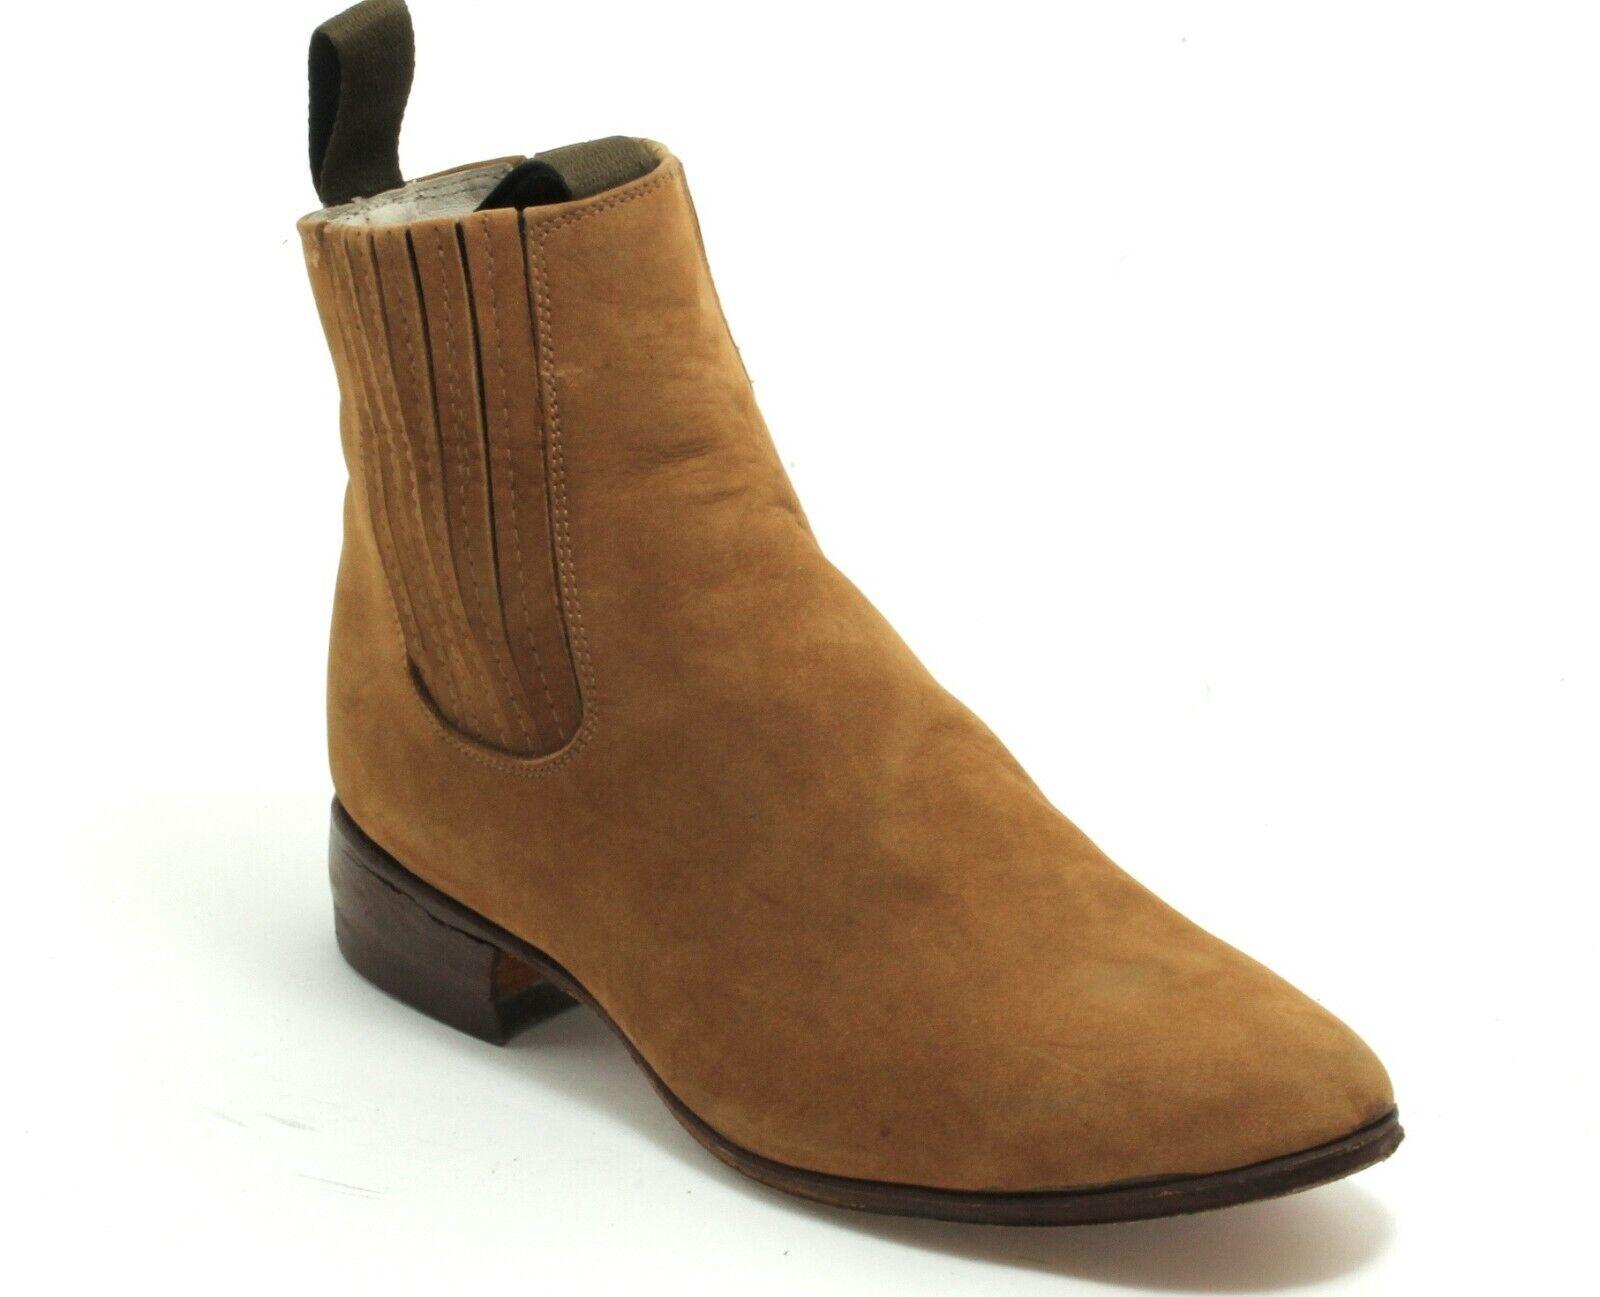 Western bottes bottes De Cowboy catalan Style Line Dance Chelsea bottes velour 39